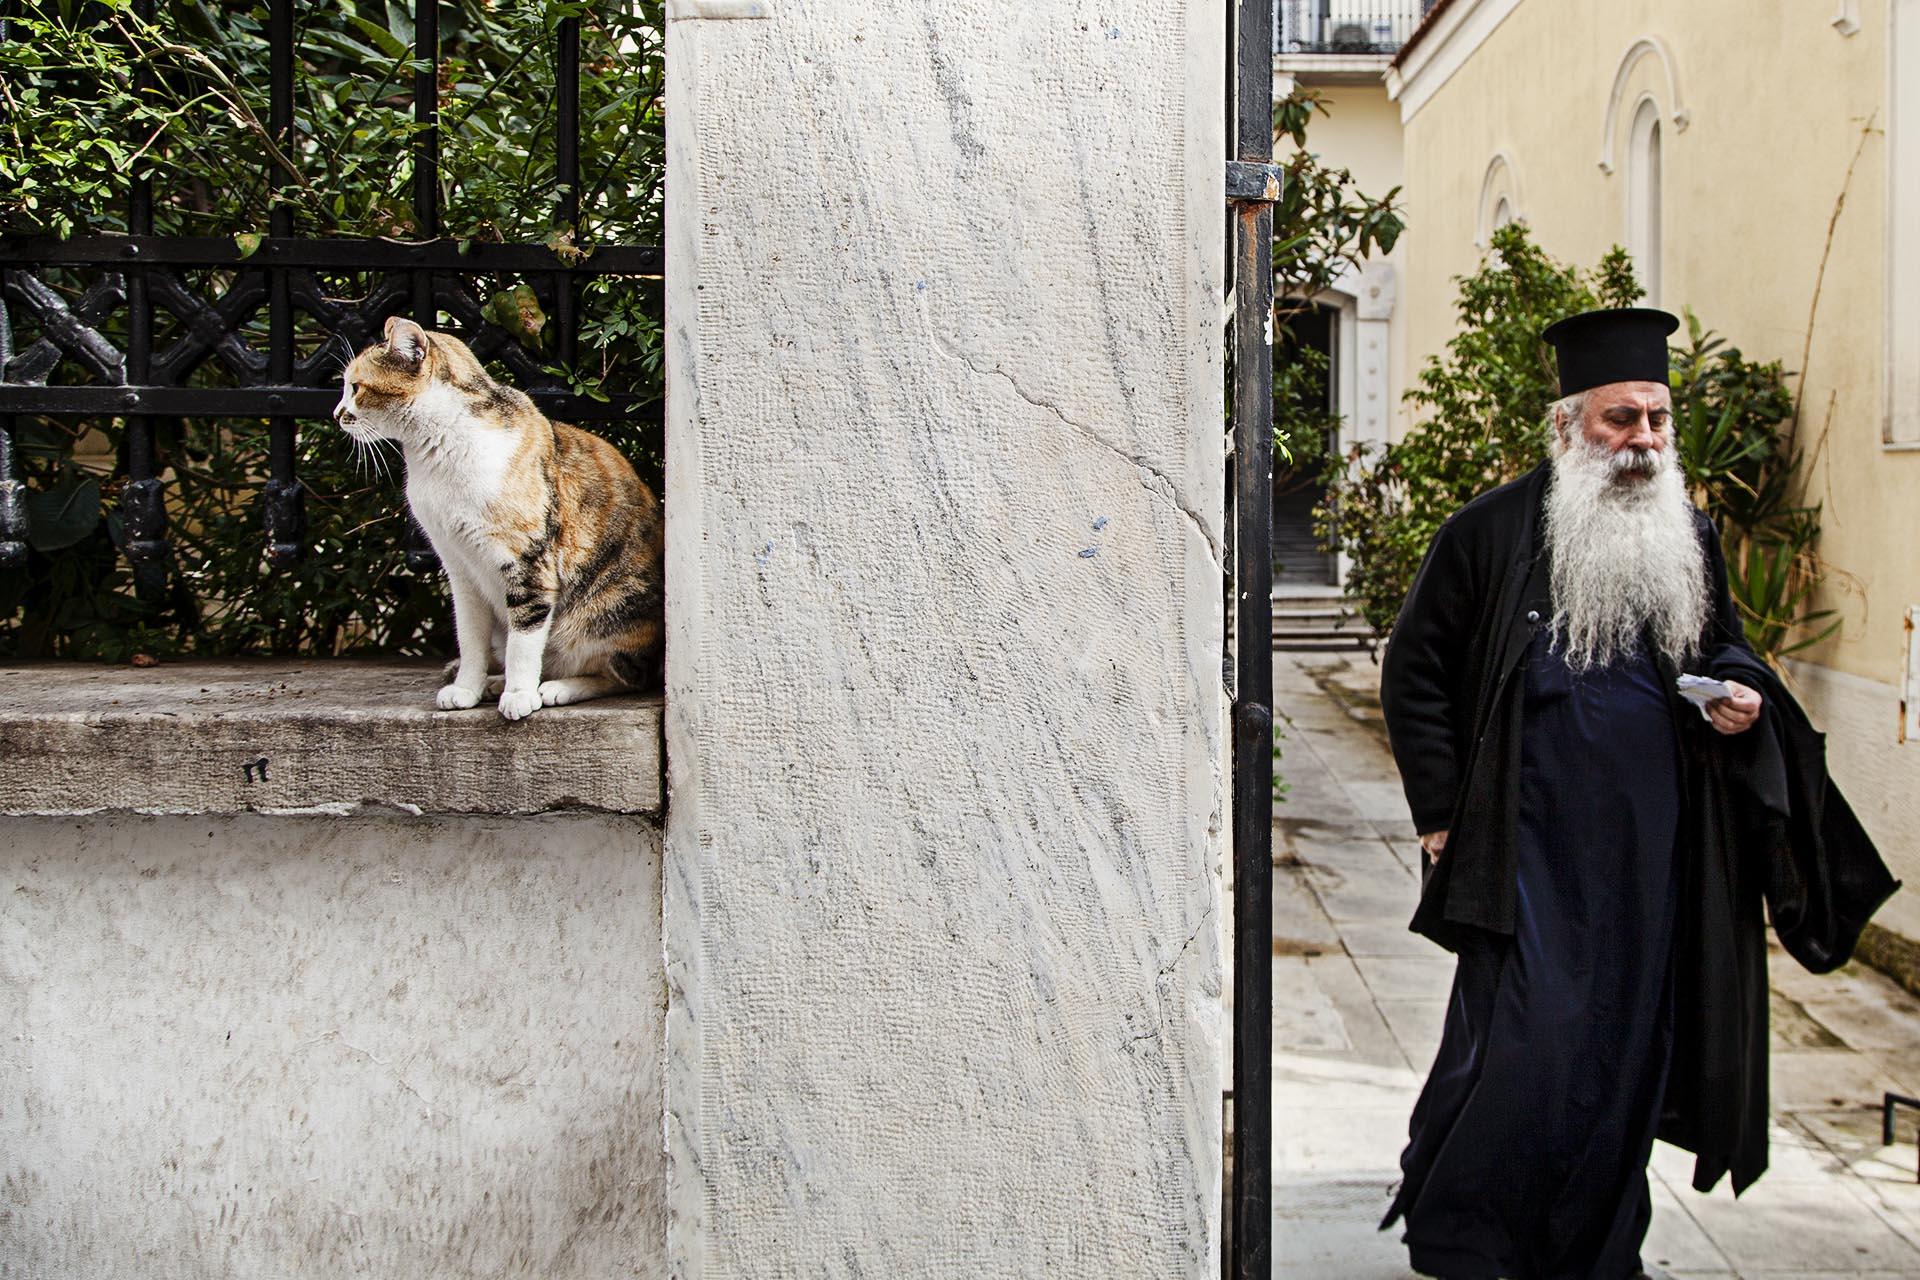 La Iglesia Ortodoxa tiene todavía un enorme poder (y bienes) en Grecia